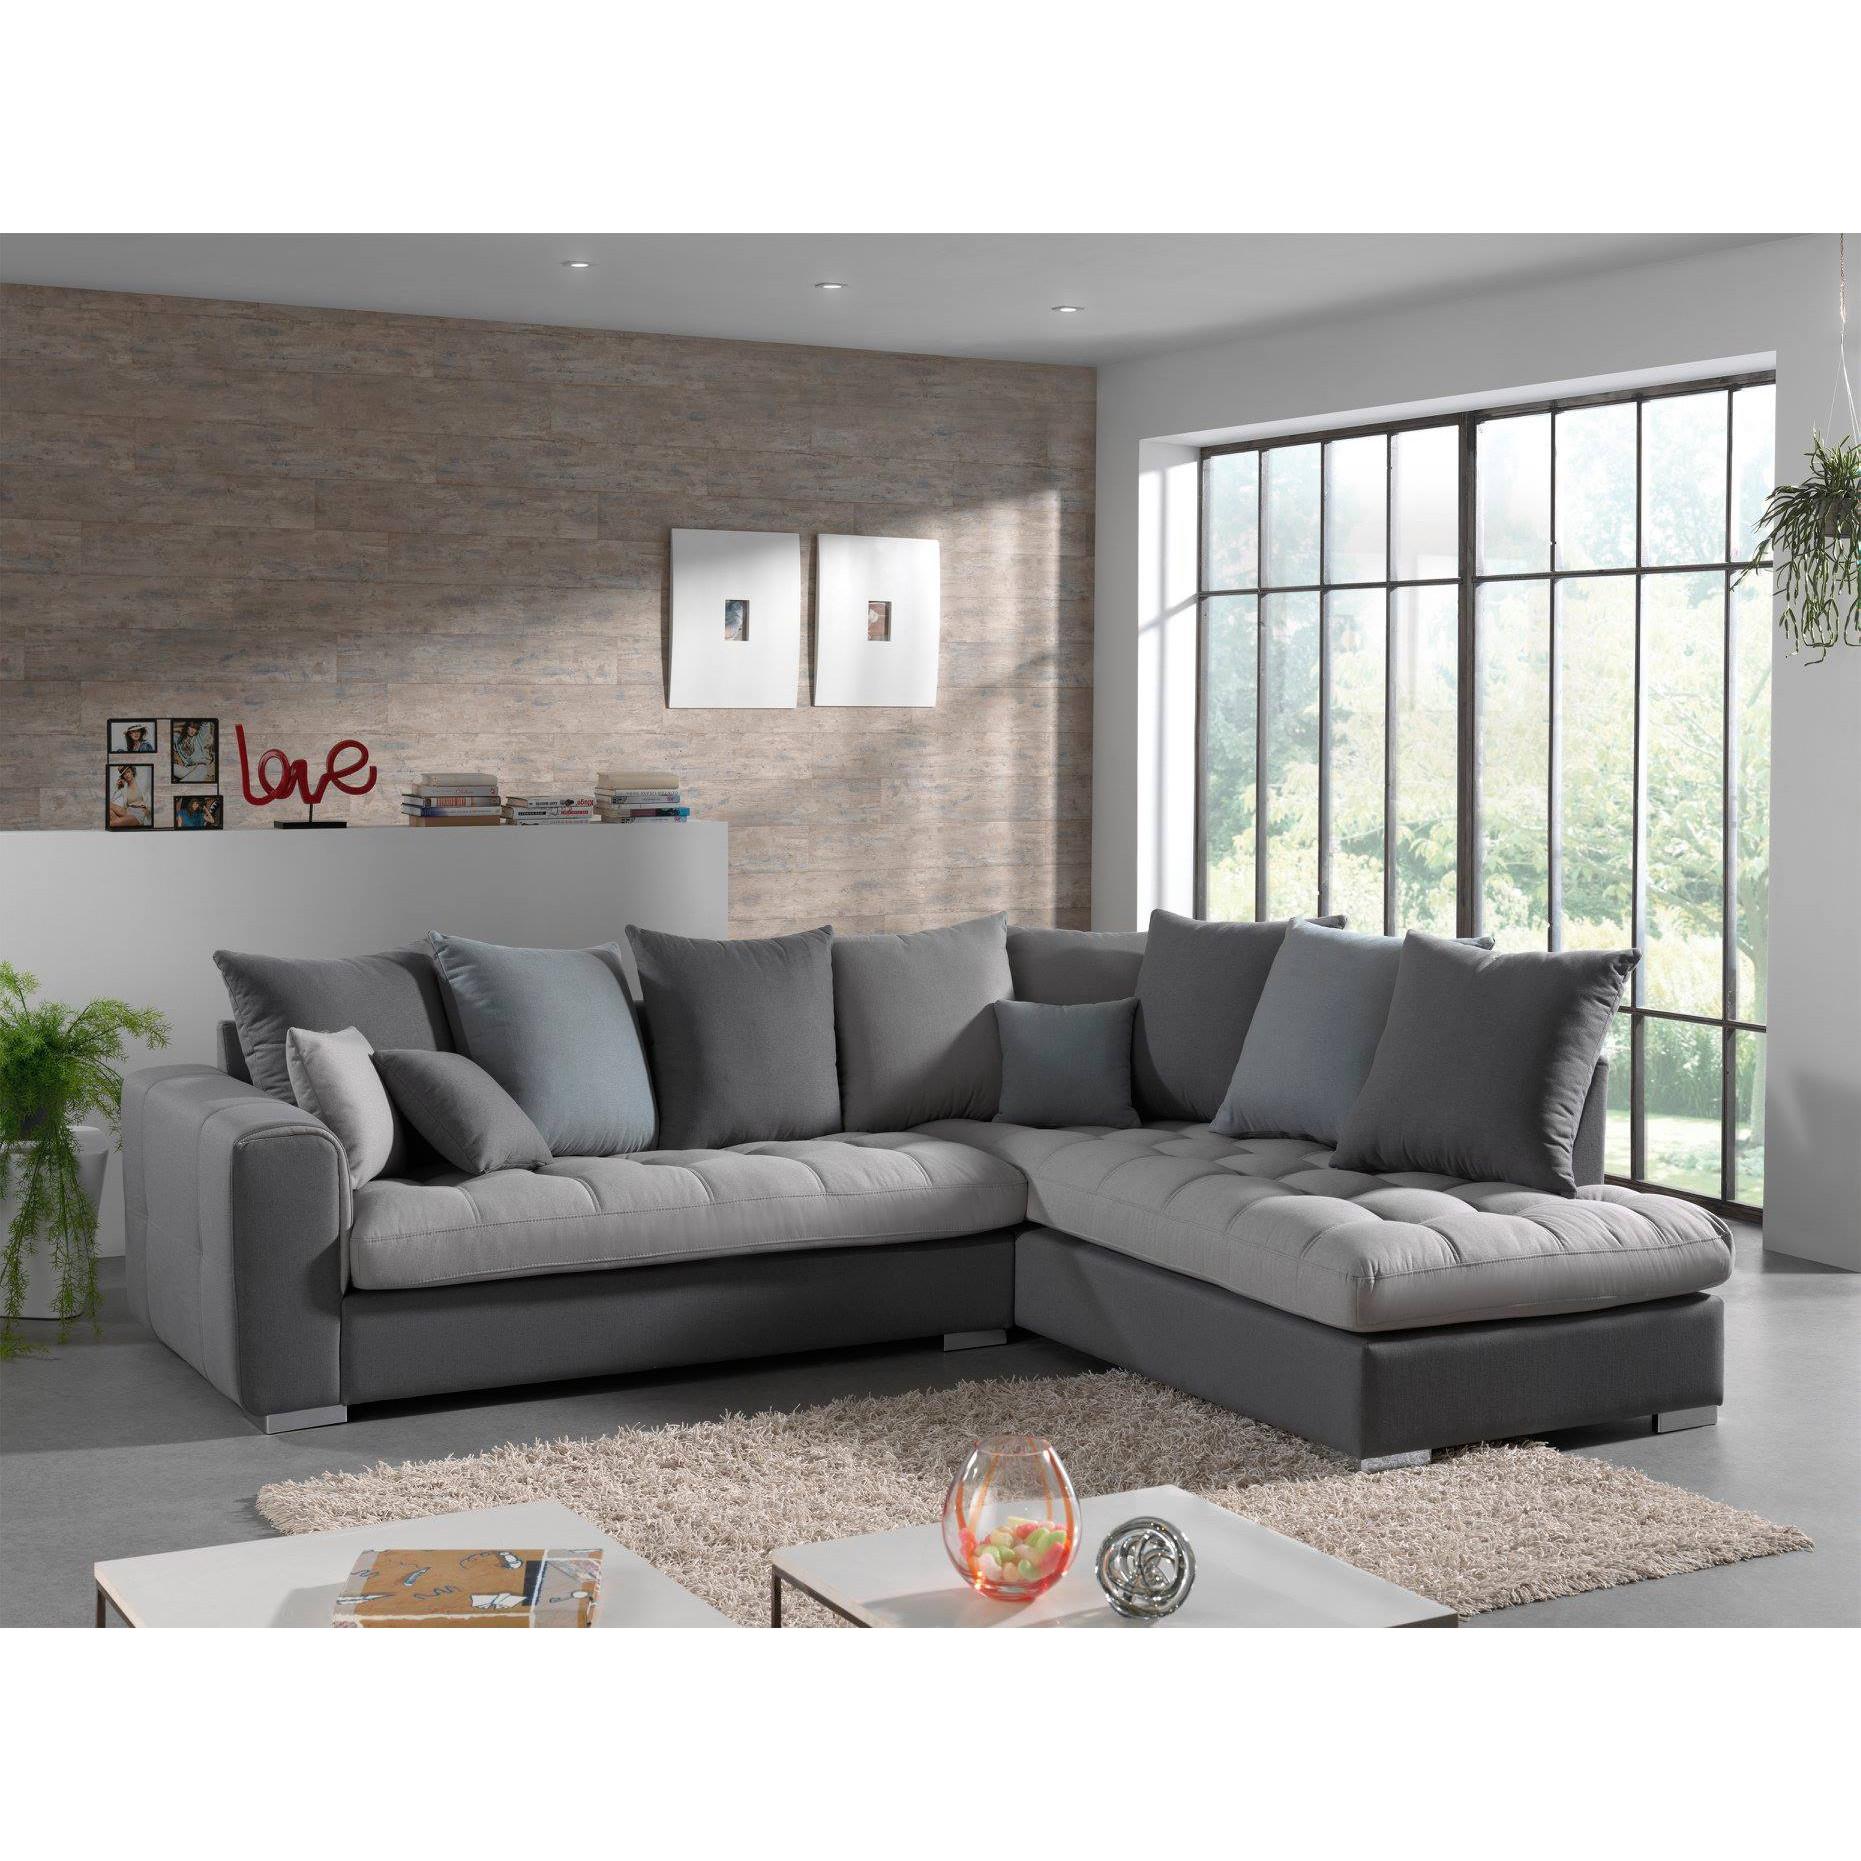 Meridienne Moderne Pour Salon canapé d angle avec méridienne salon canapé d angle moderne